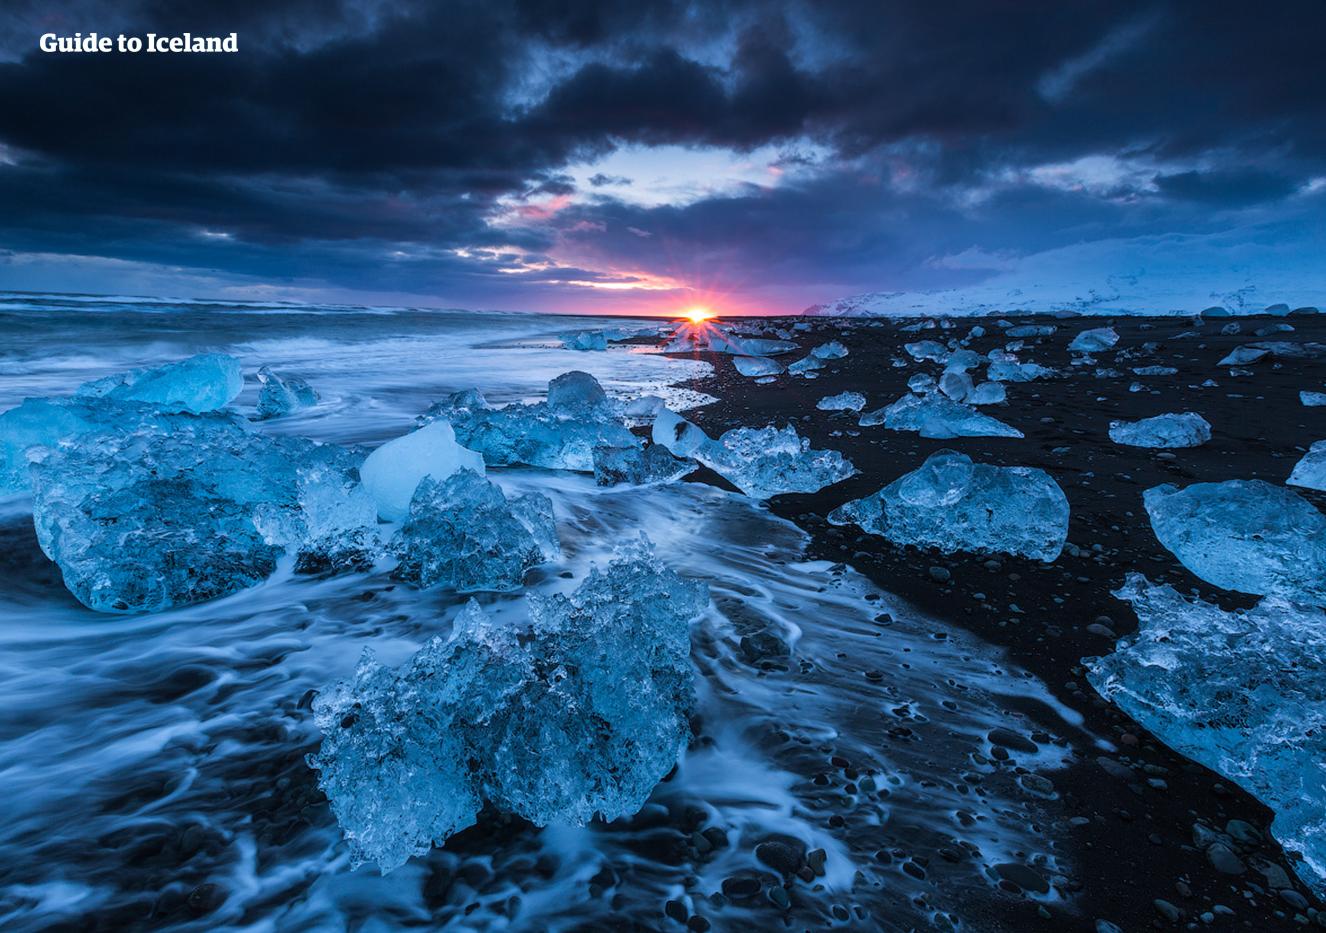 En un viaje en coche en invierno, puedes visitar la Playa Diamante por la noche y ver cómo se pone el sol entre los brillantes icebergs.